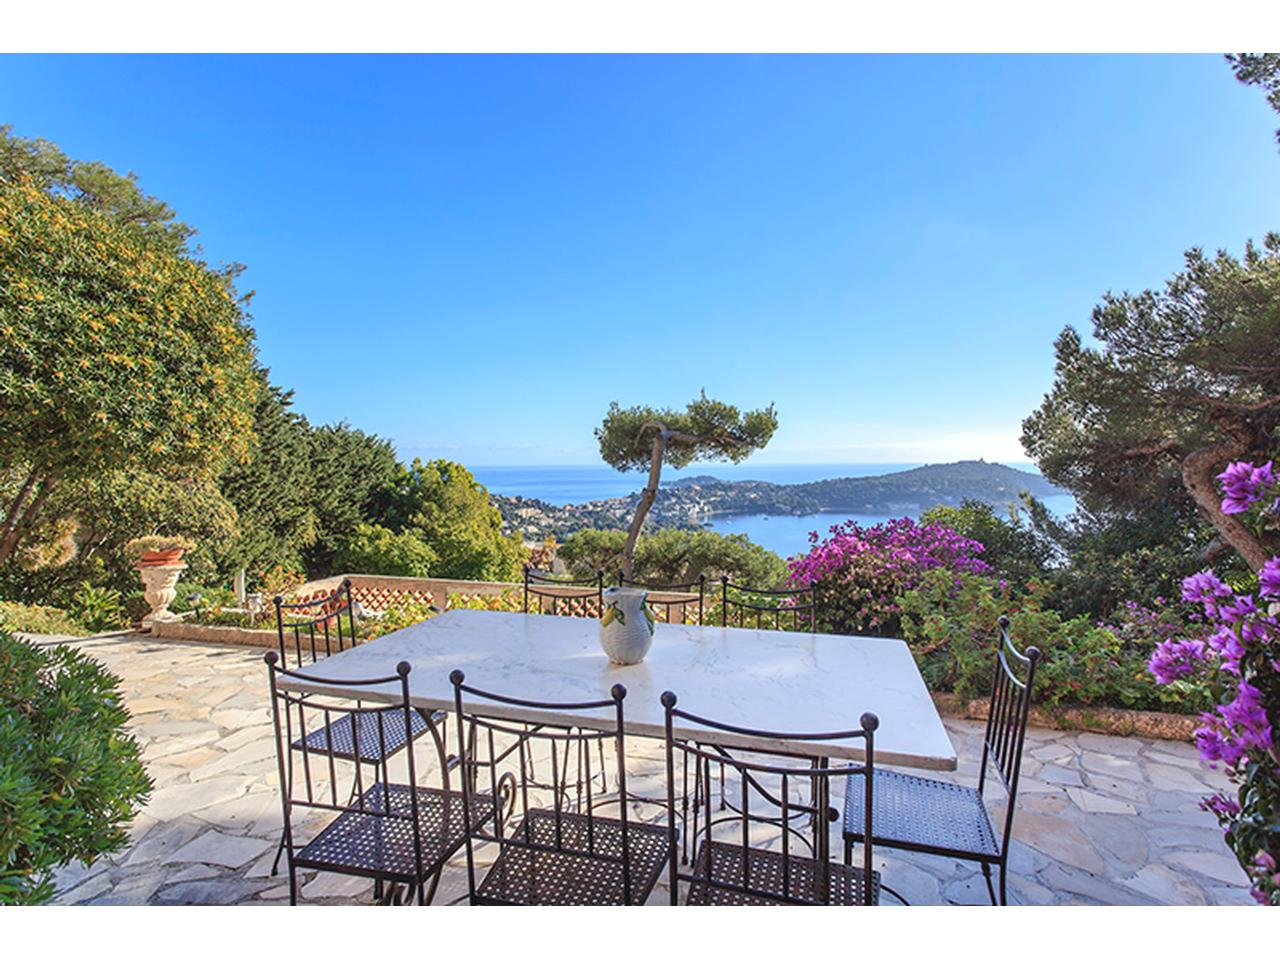 Vente appartement villefranche sur mer immobilier nice vue for Appartement rez de jardin nice